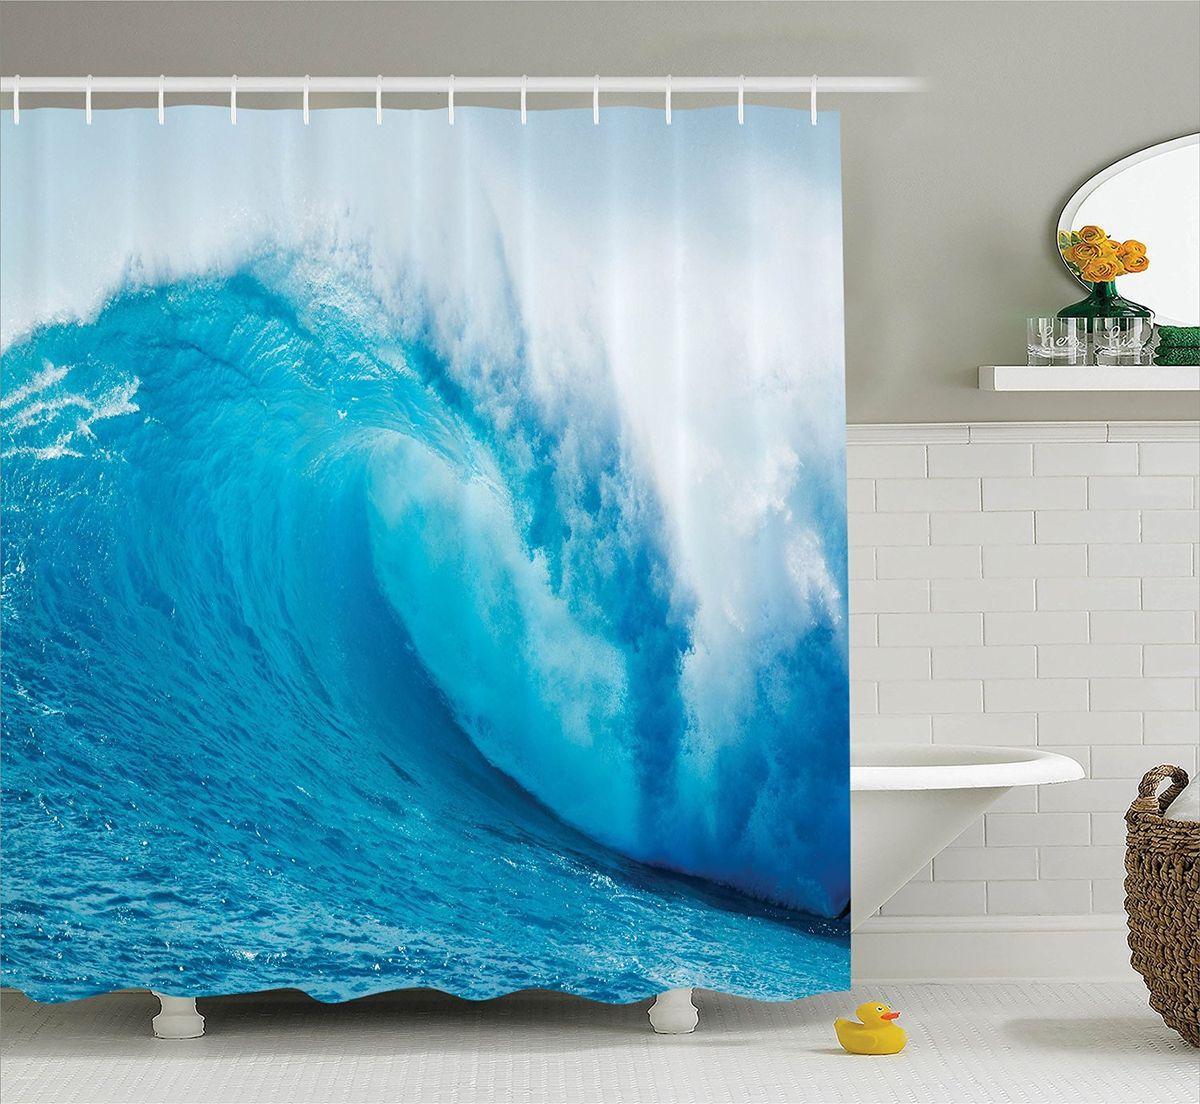 Штора для ванной комнаты Magic Lady Голубая волна, 180 х 200 см штора для ванной комнаты magic lady дерево в волшебном лесу цвет коричневый оранжевый 180 х 200 см